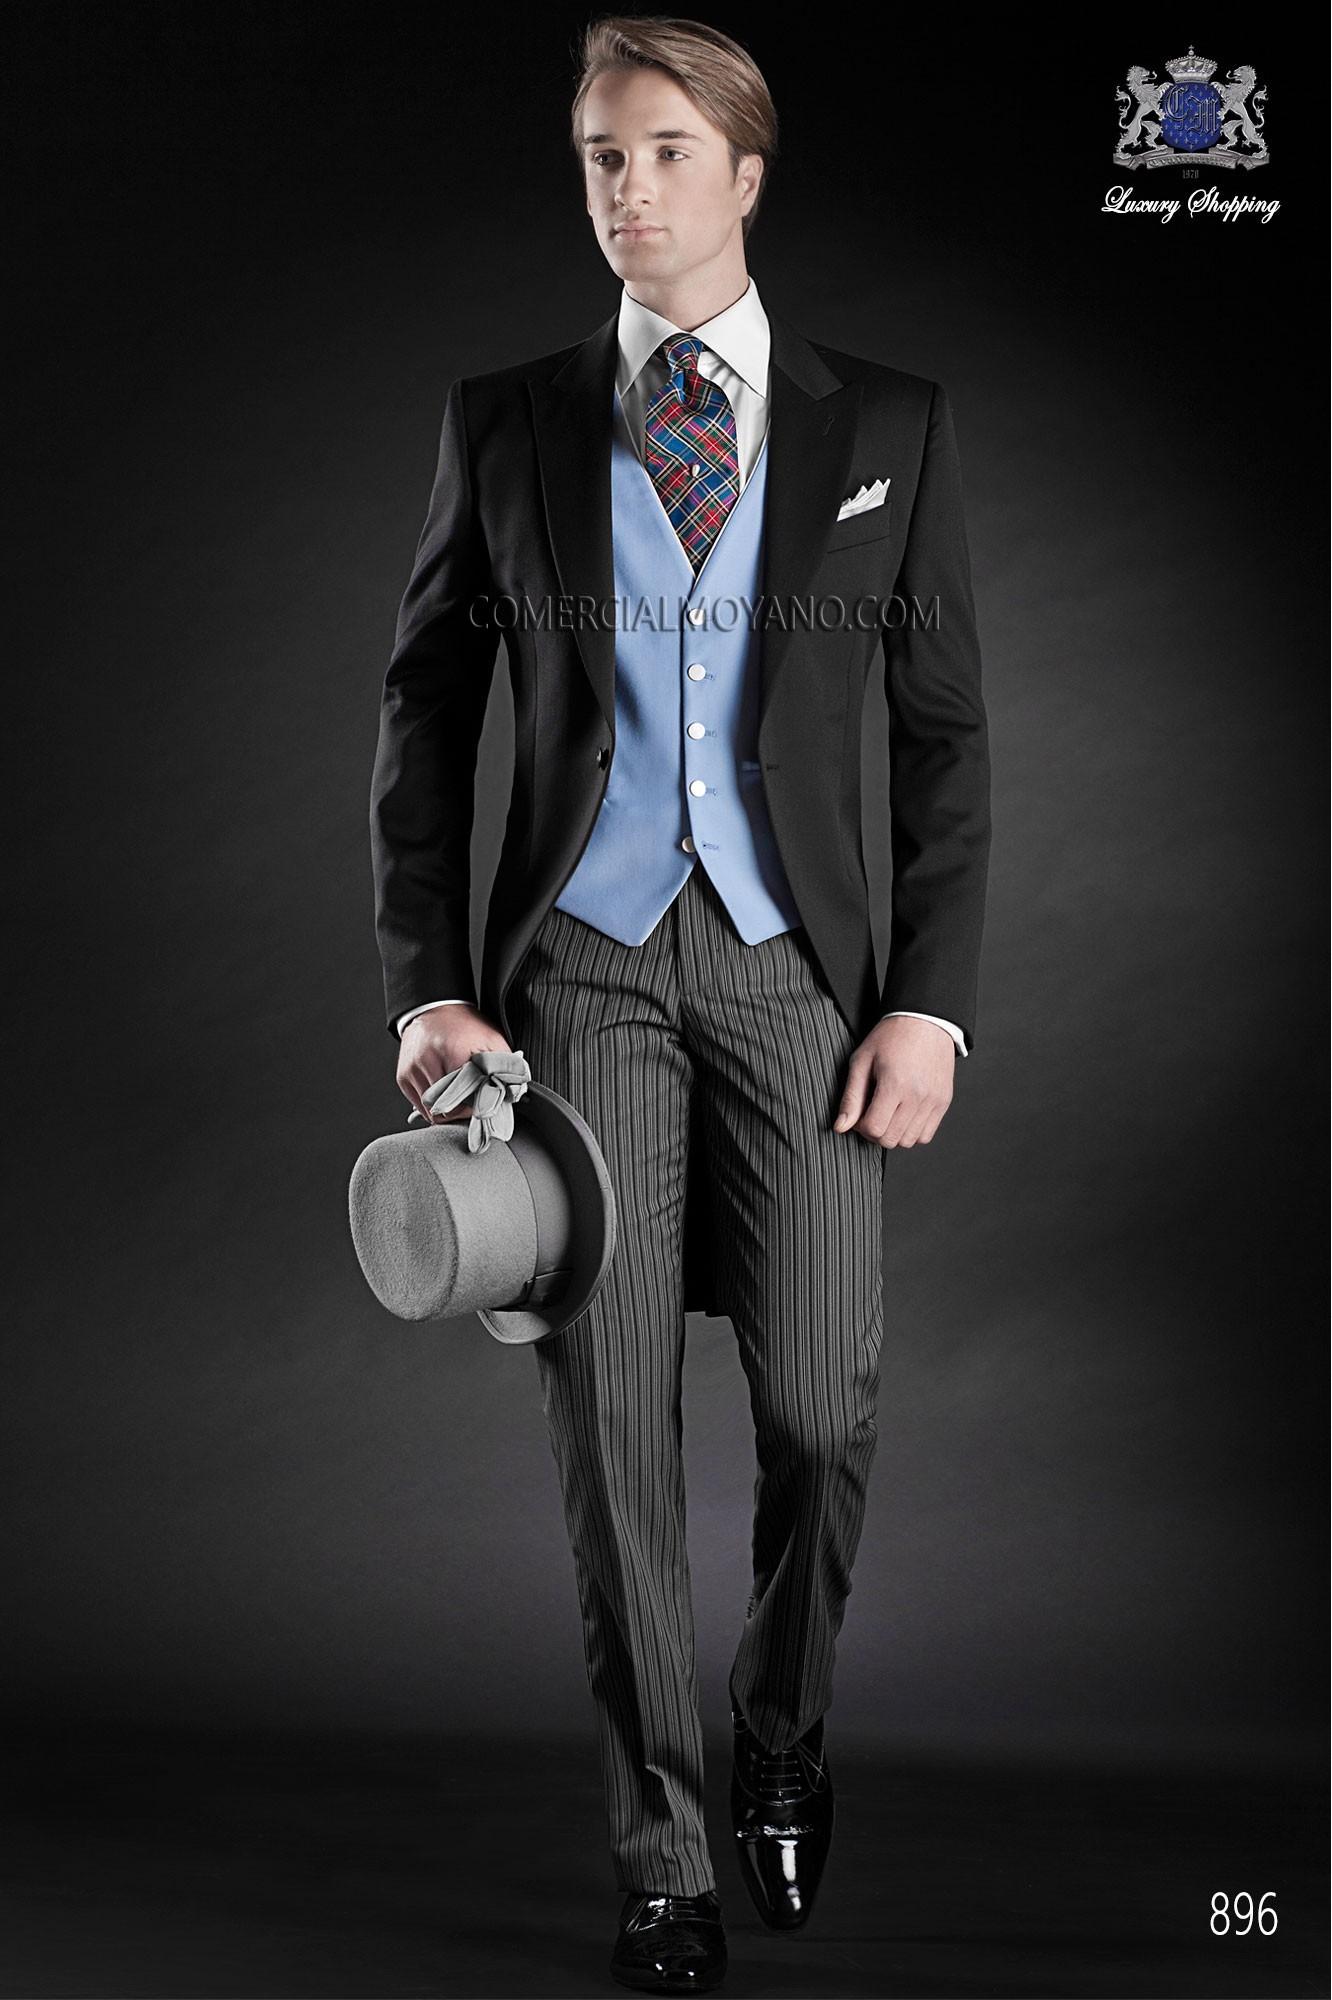 Traje de novio chaqué italiano a medida levita negra sin corte trasero, pantalón rayas diplomáticas, modelo 896 Ottavio Nuccio Gala colección Gentleman 2015.